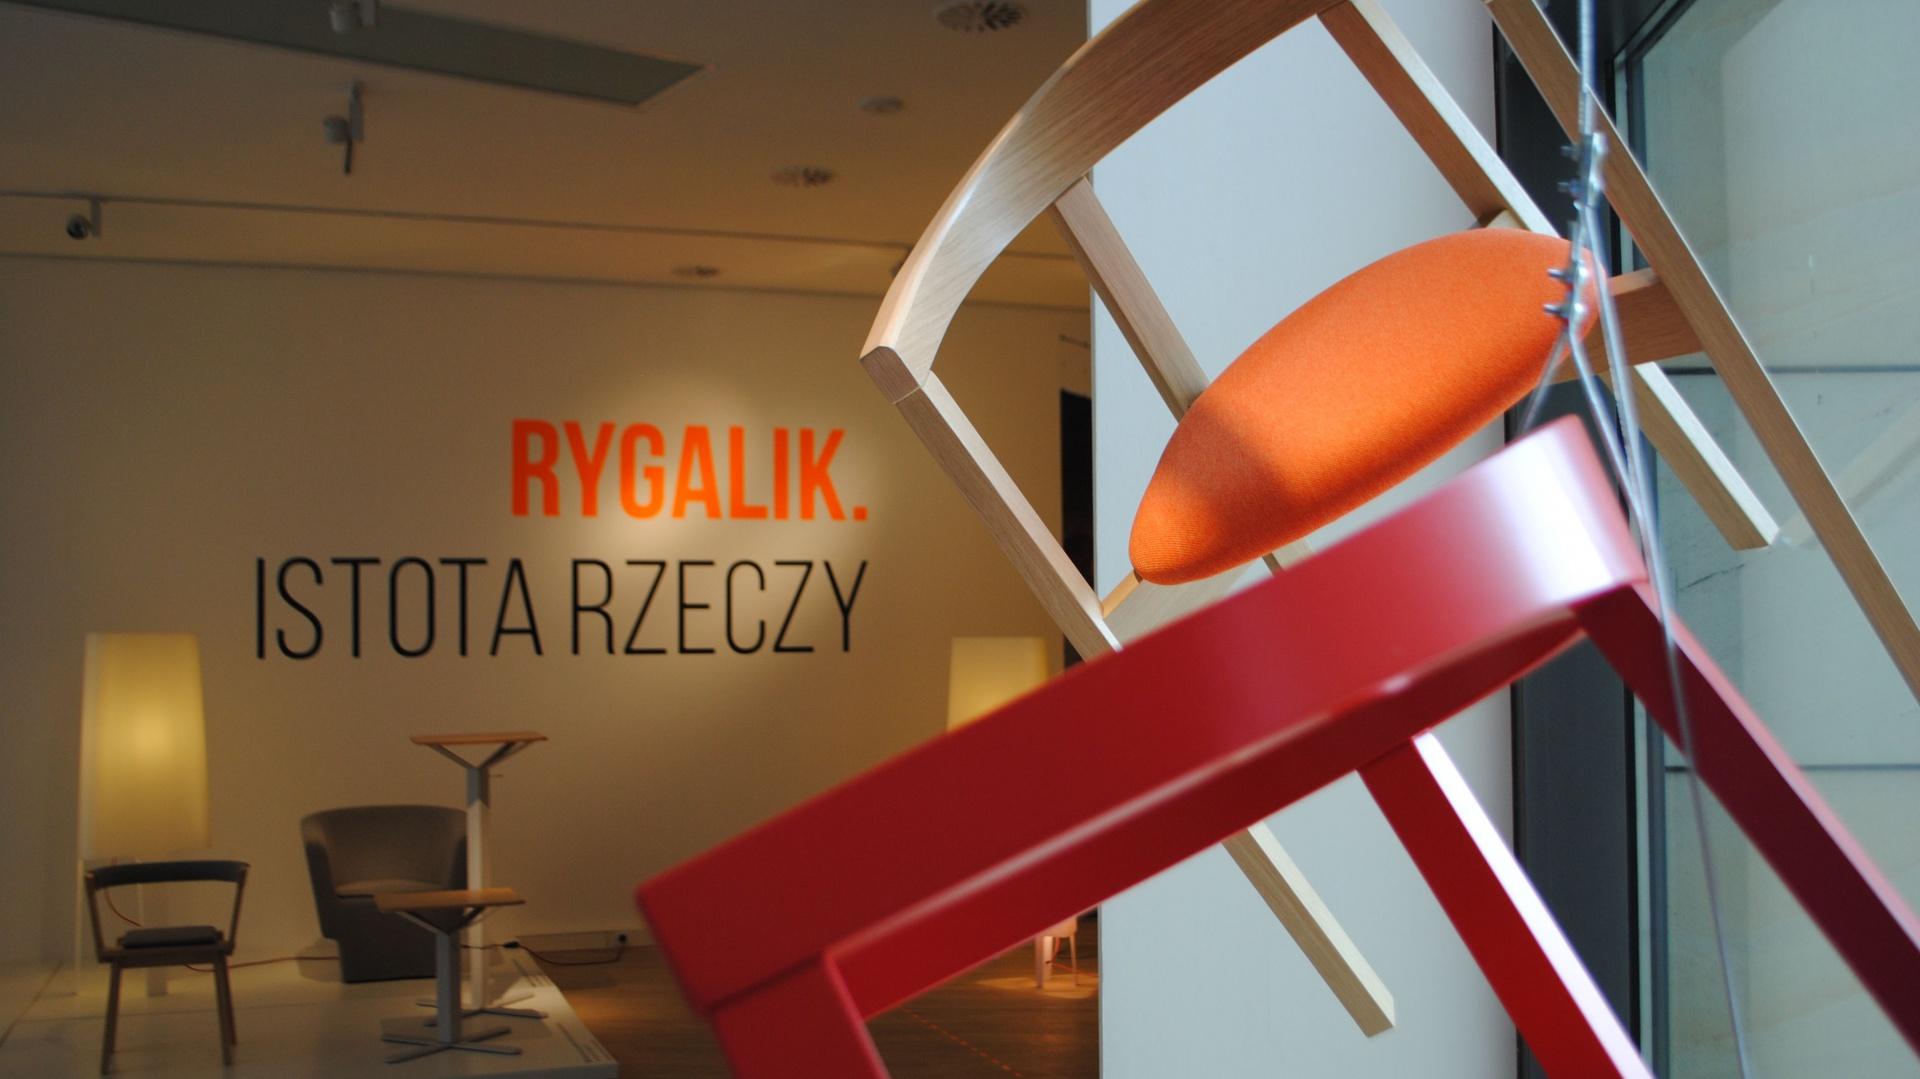 Zakończyła się ósma edycja festiwalu Gdynia Design Days. Impreza jak co roku przyciągnęła fanów designu i wzornictwa. Fot. Piotr Sawczuk